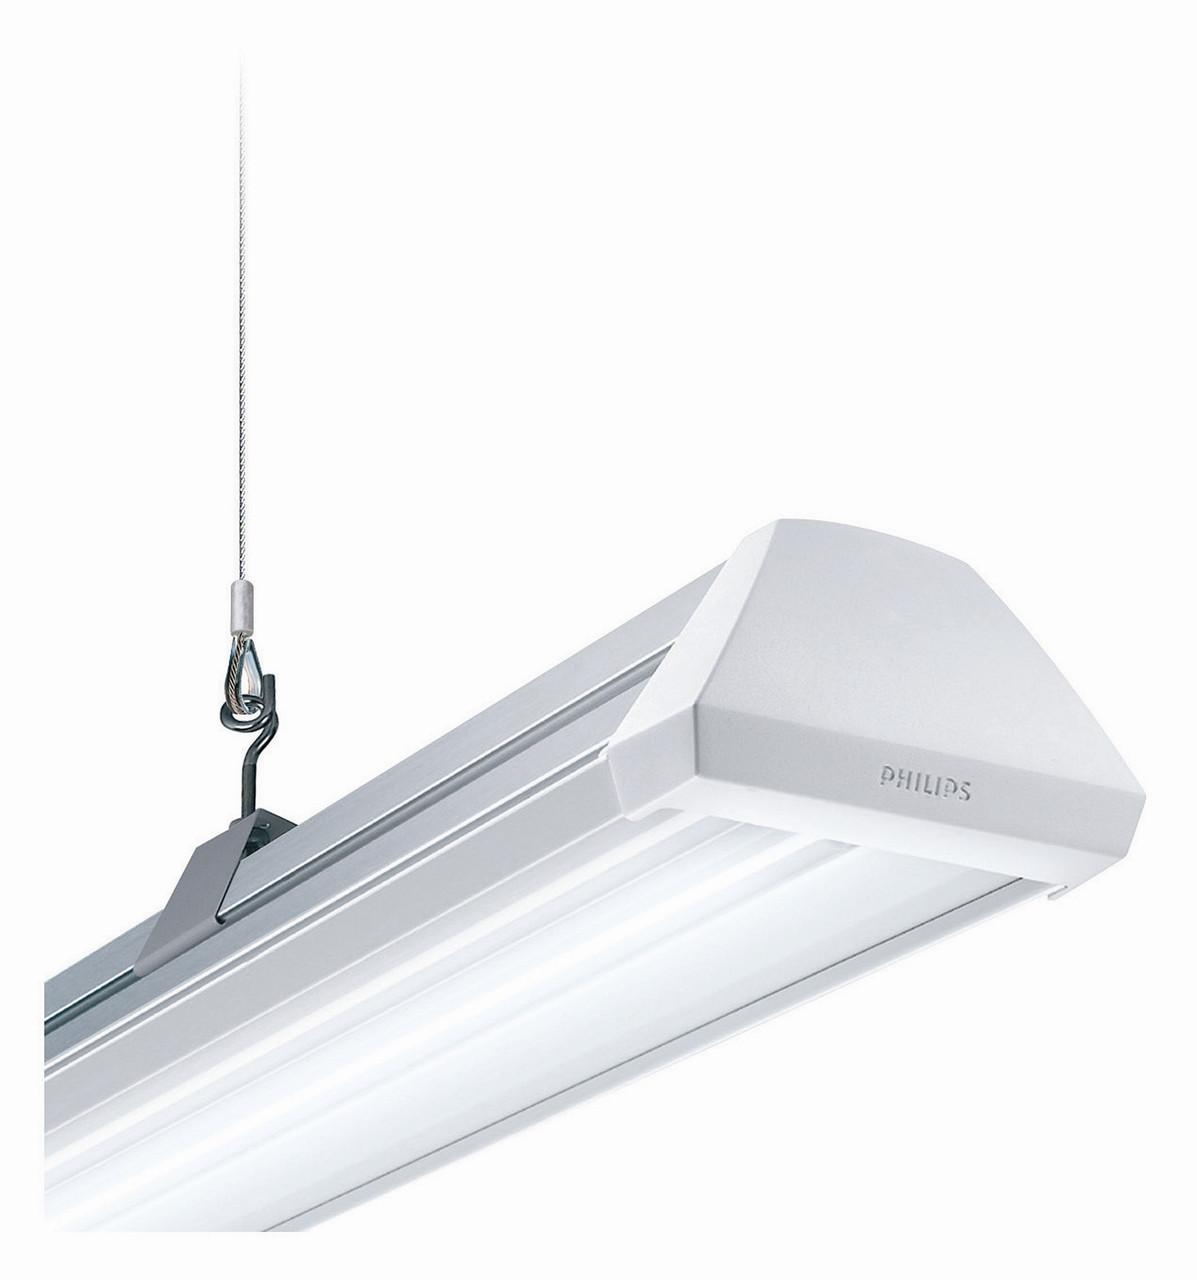 Светильник магистральный TTX 150 491 2 x TL5-49W HFP PHILIPS